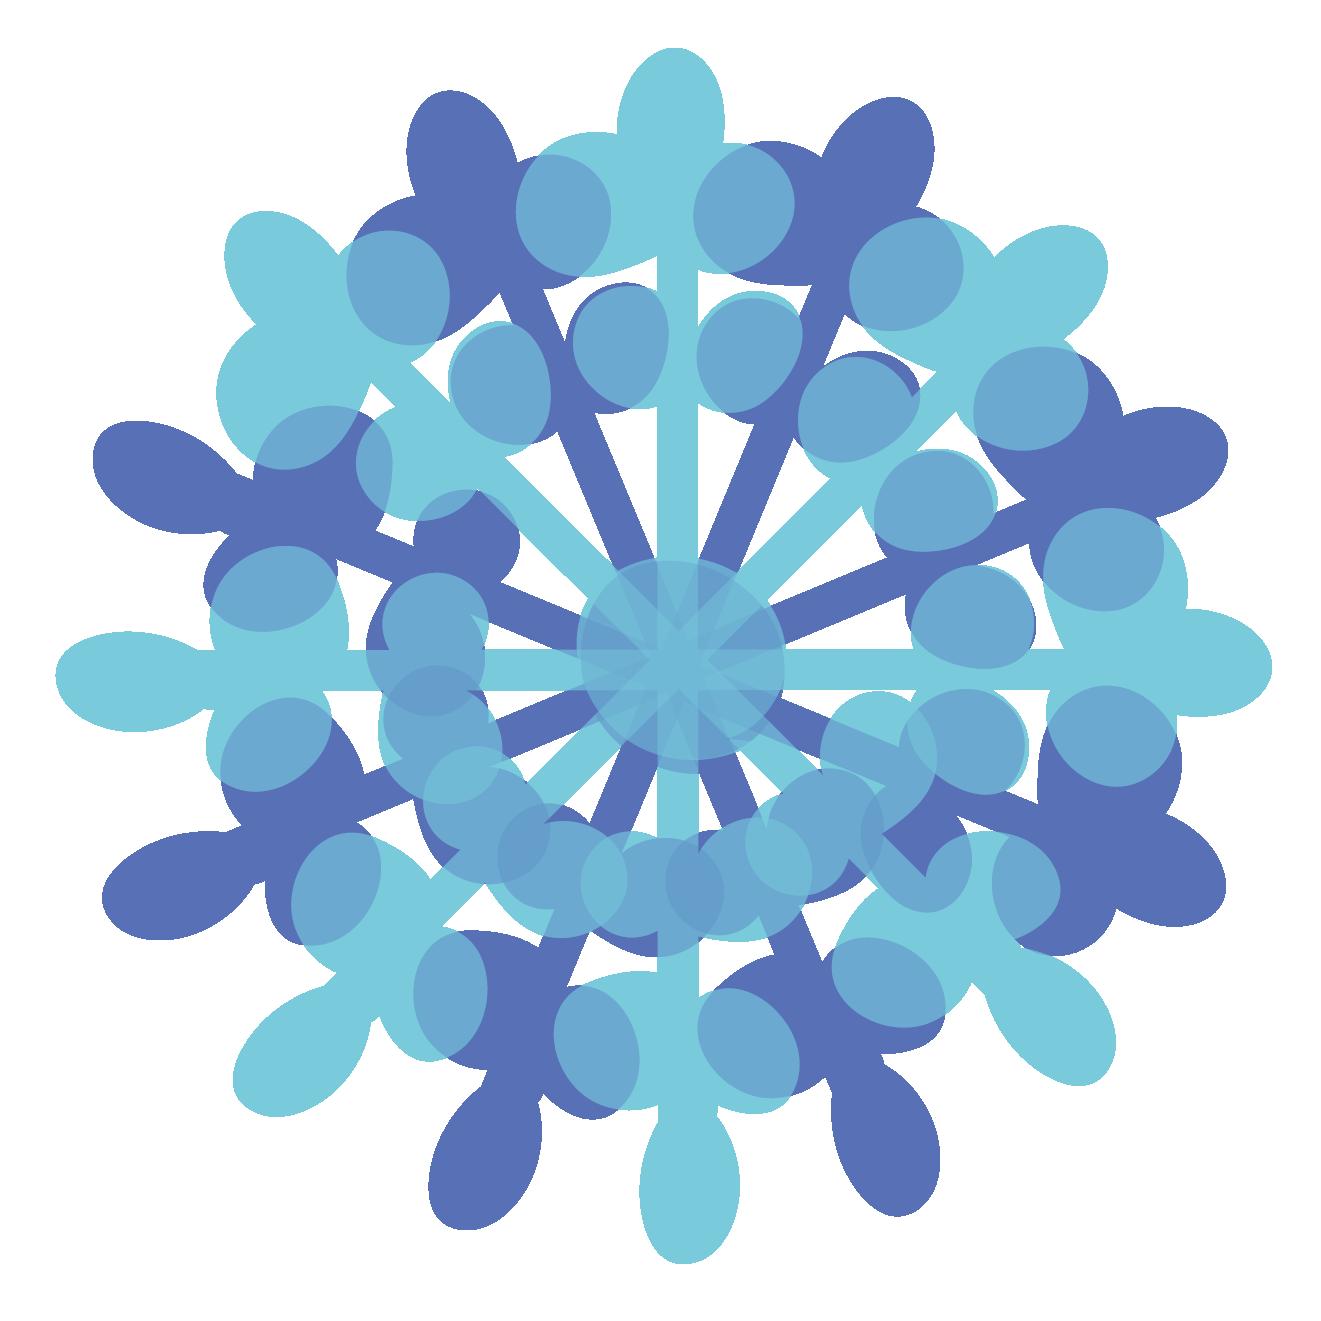 冬綺麗な雪の結晶 無料 イラスト 商用フリー無料のイラスト素材